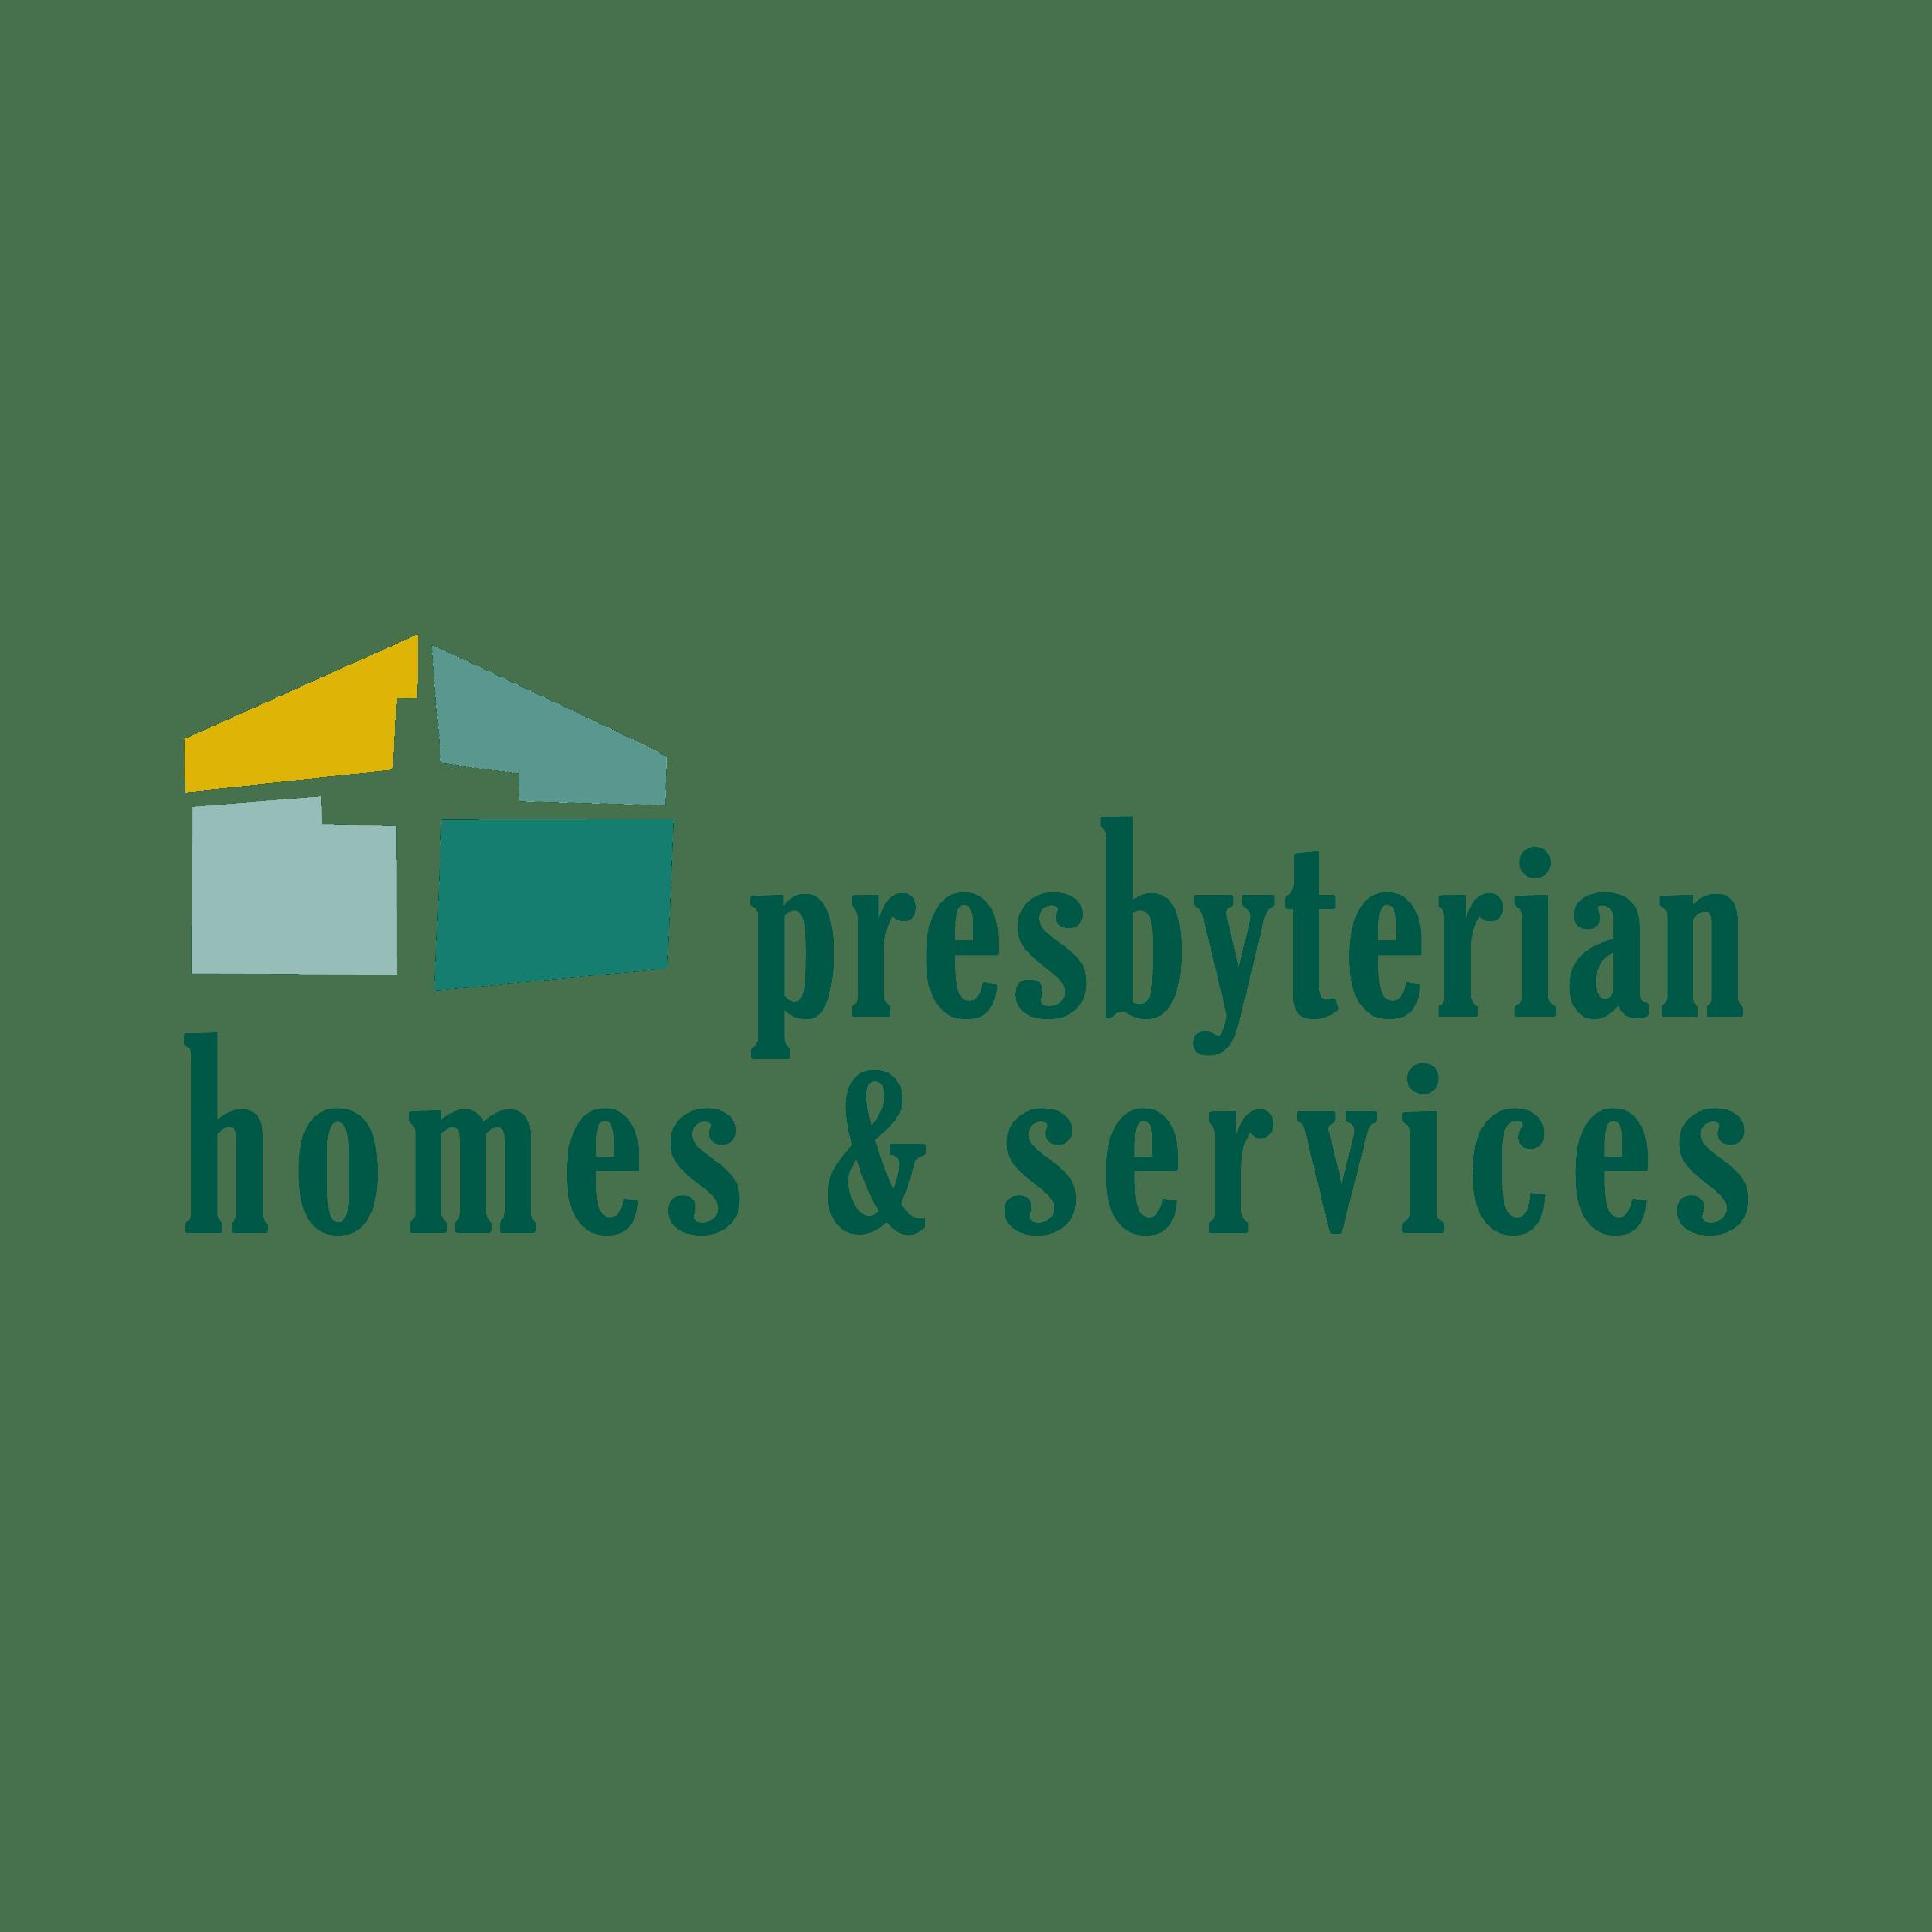 Presbyterian Homes & Services's logo